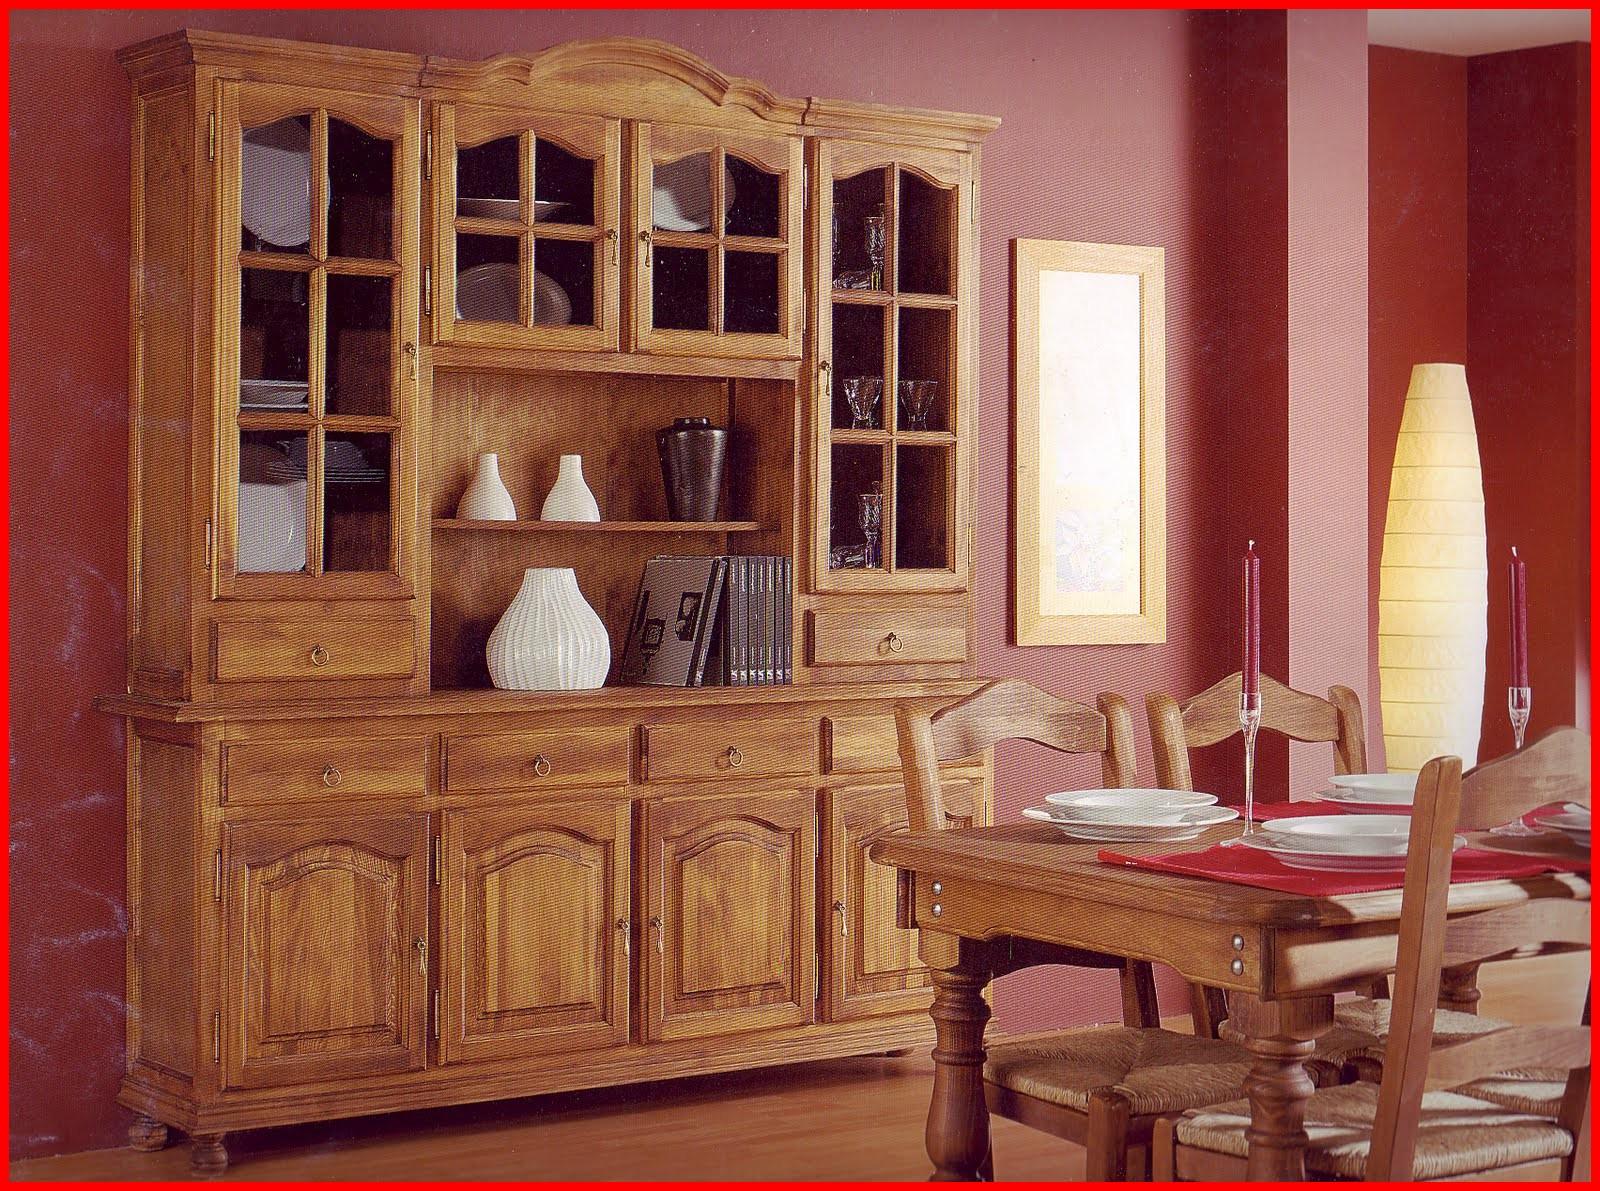 Muebles Rusticos Baratos Segunda Mano S1du Muebles Rusticos Segunda Mano Mueblestico Mexicano